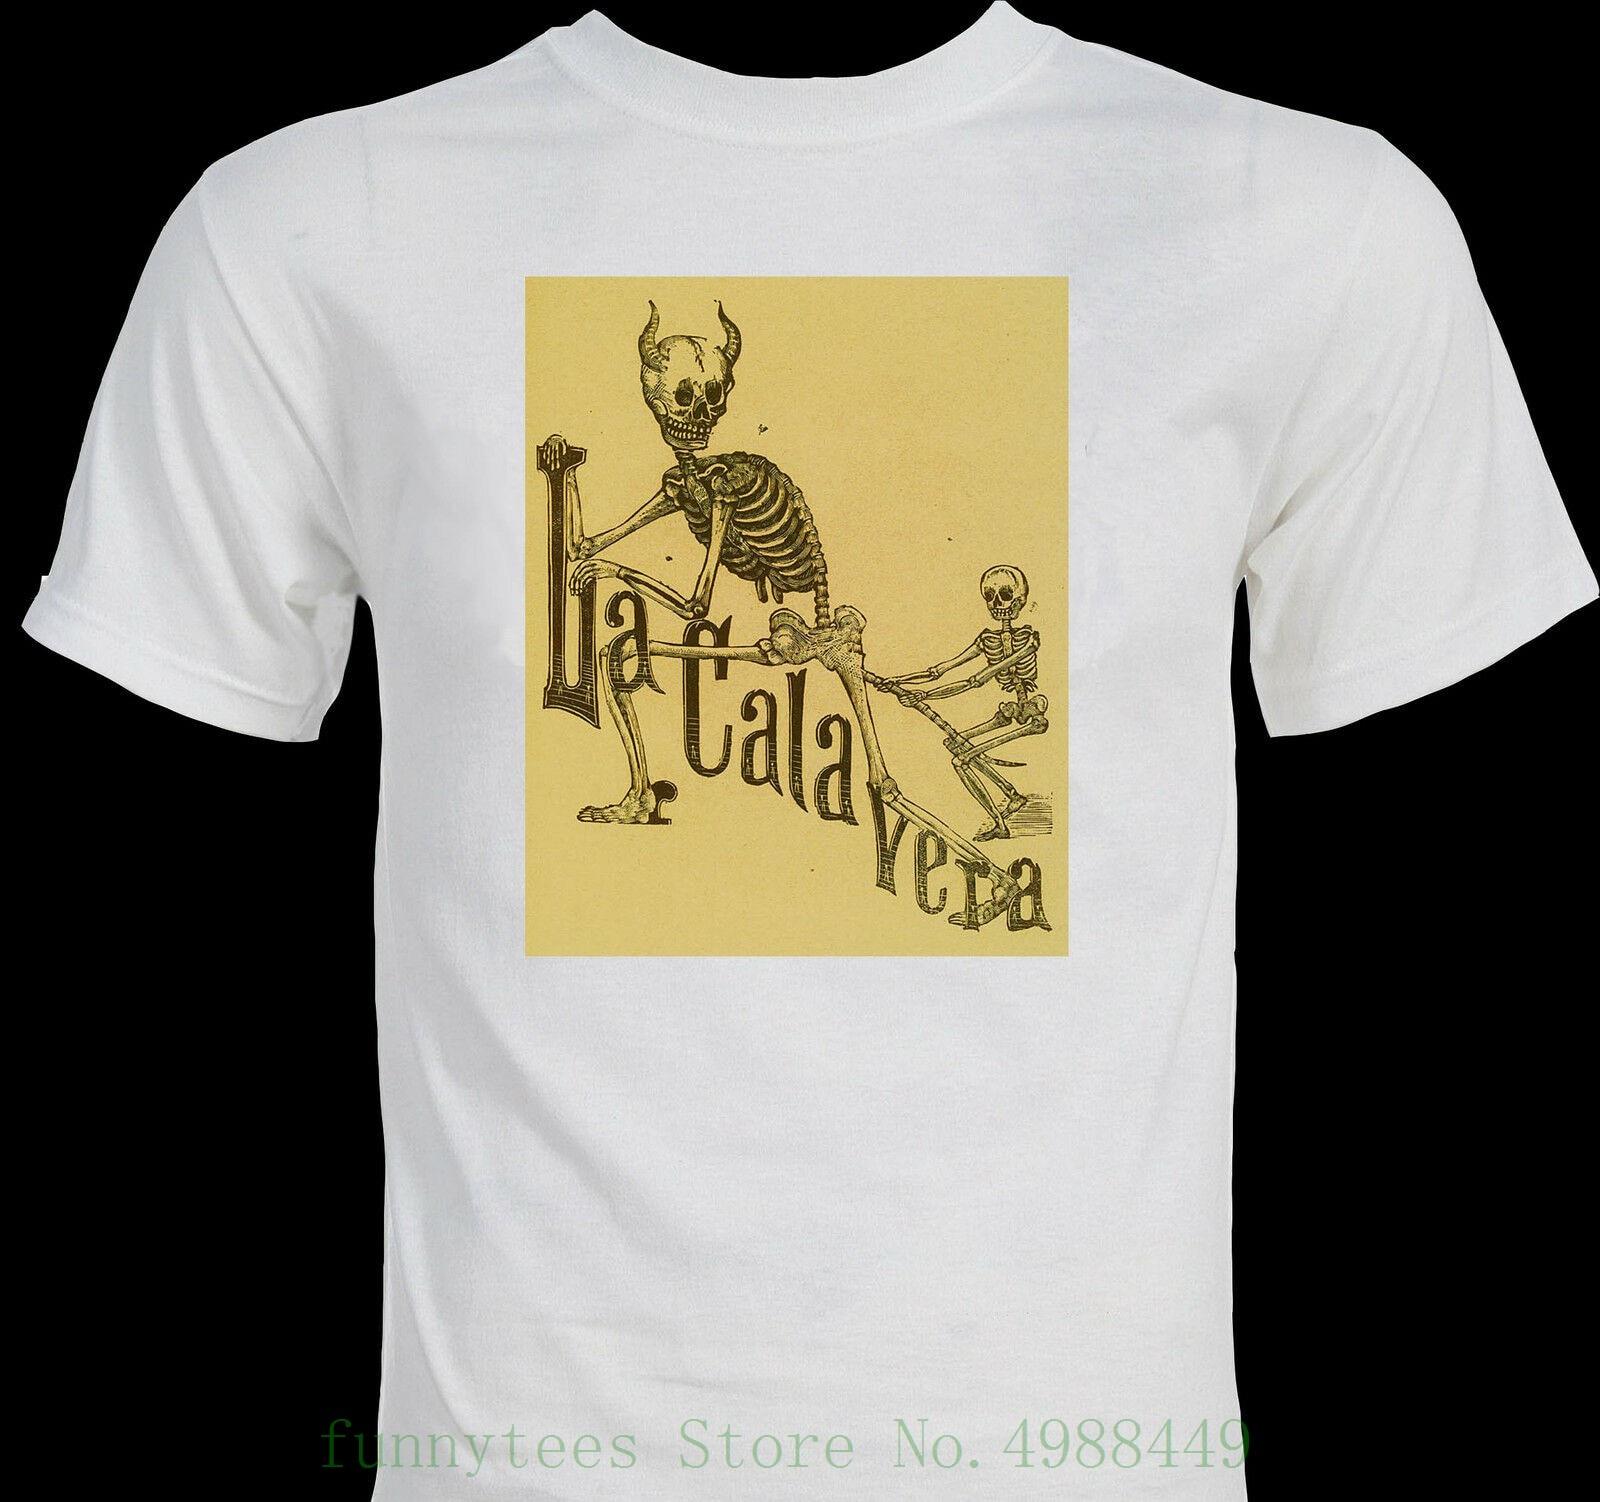 """Camiseta de verano de dibujo animado con diseño de Calavera """"La Calavera Catrina"""", esqueleto extraño, arte mexicano"""